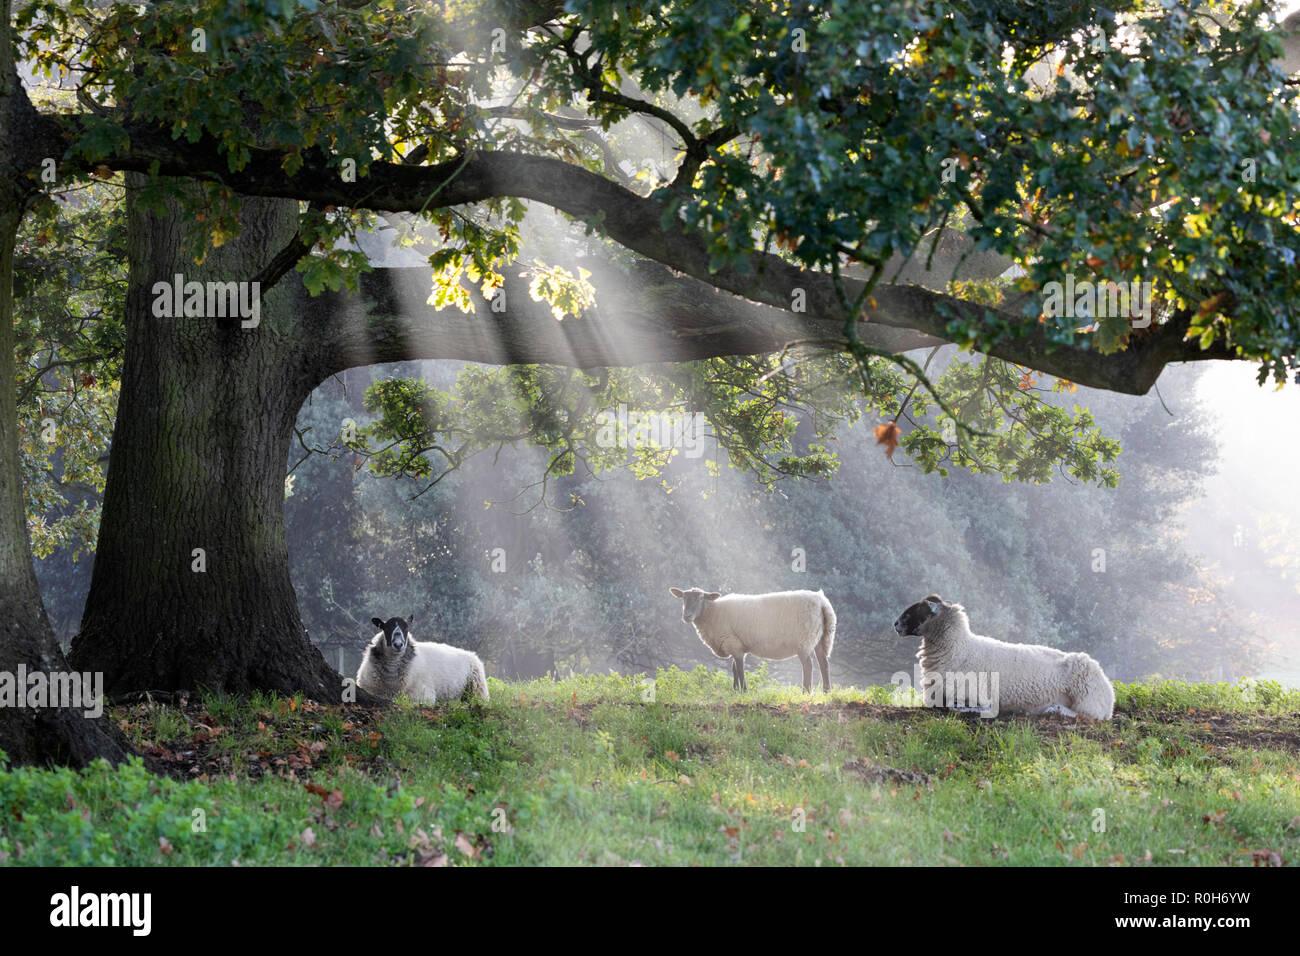 Pecore bianche sotto agli alberi con alberi di luce solare misty, Chipping Campden, Cotswolds, Gloucestershire, England, Regno Unito, Europa Immagini Stock